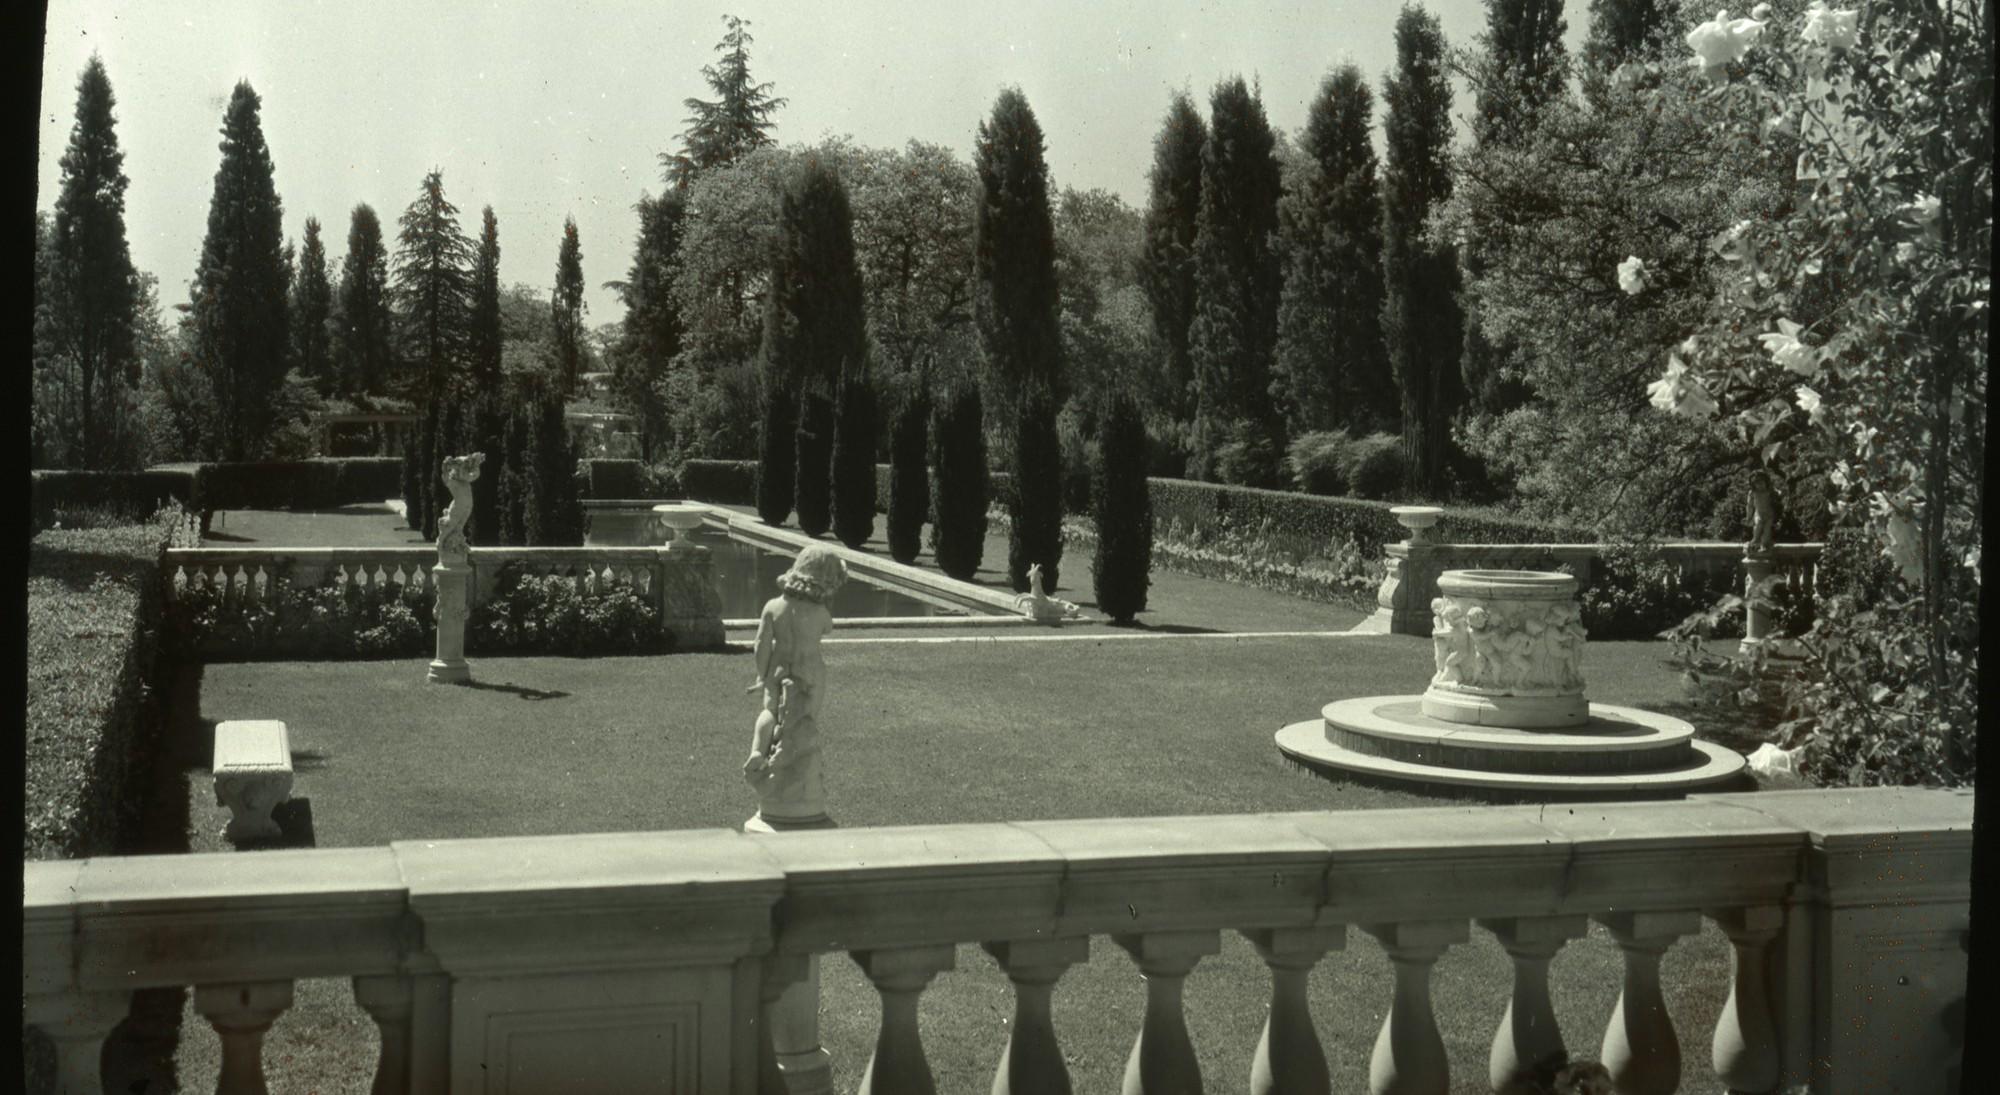 Mystery Garden in Pasadena, California